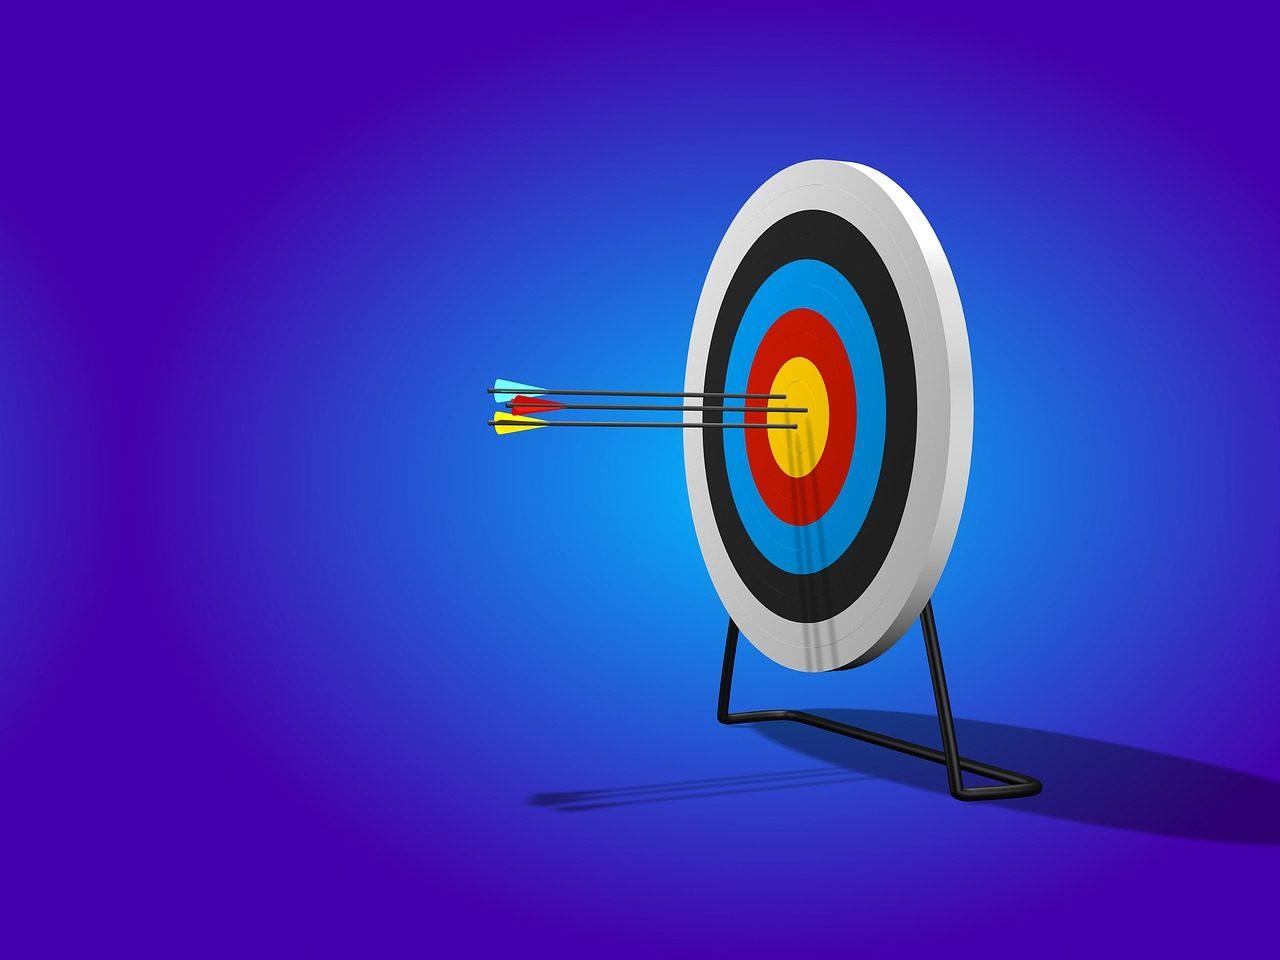 arrow-2889040_1280-1280x960.jpg